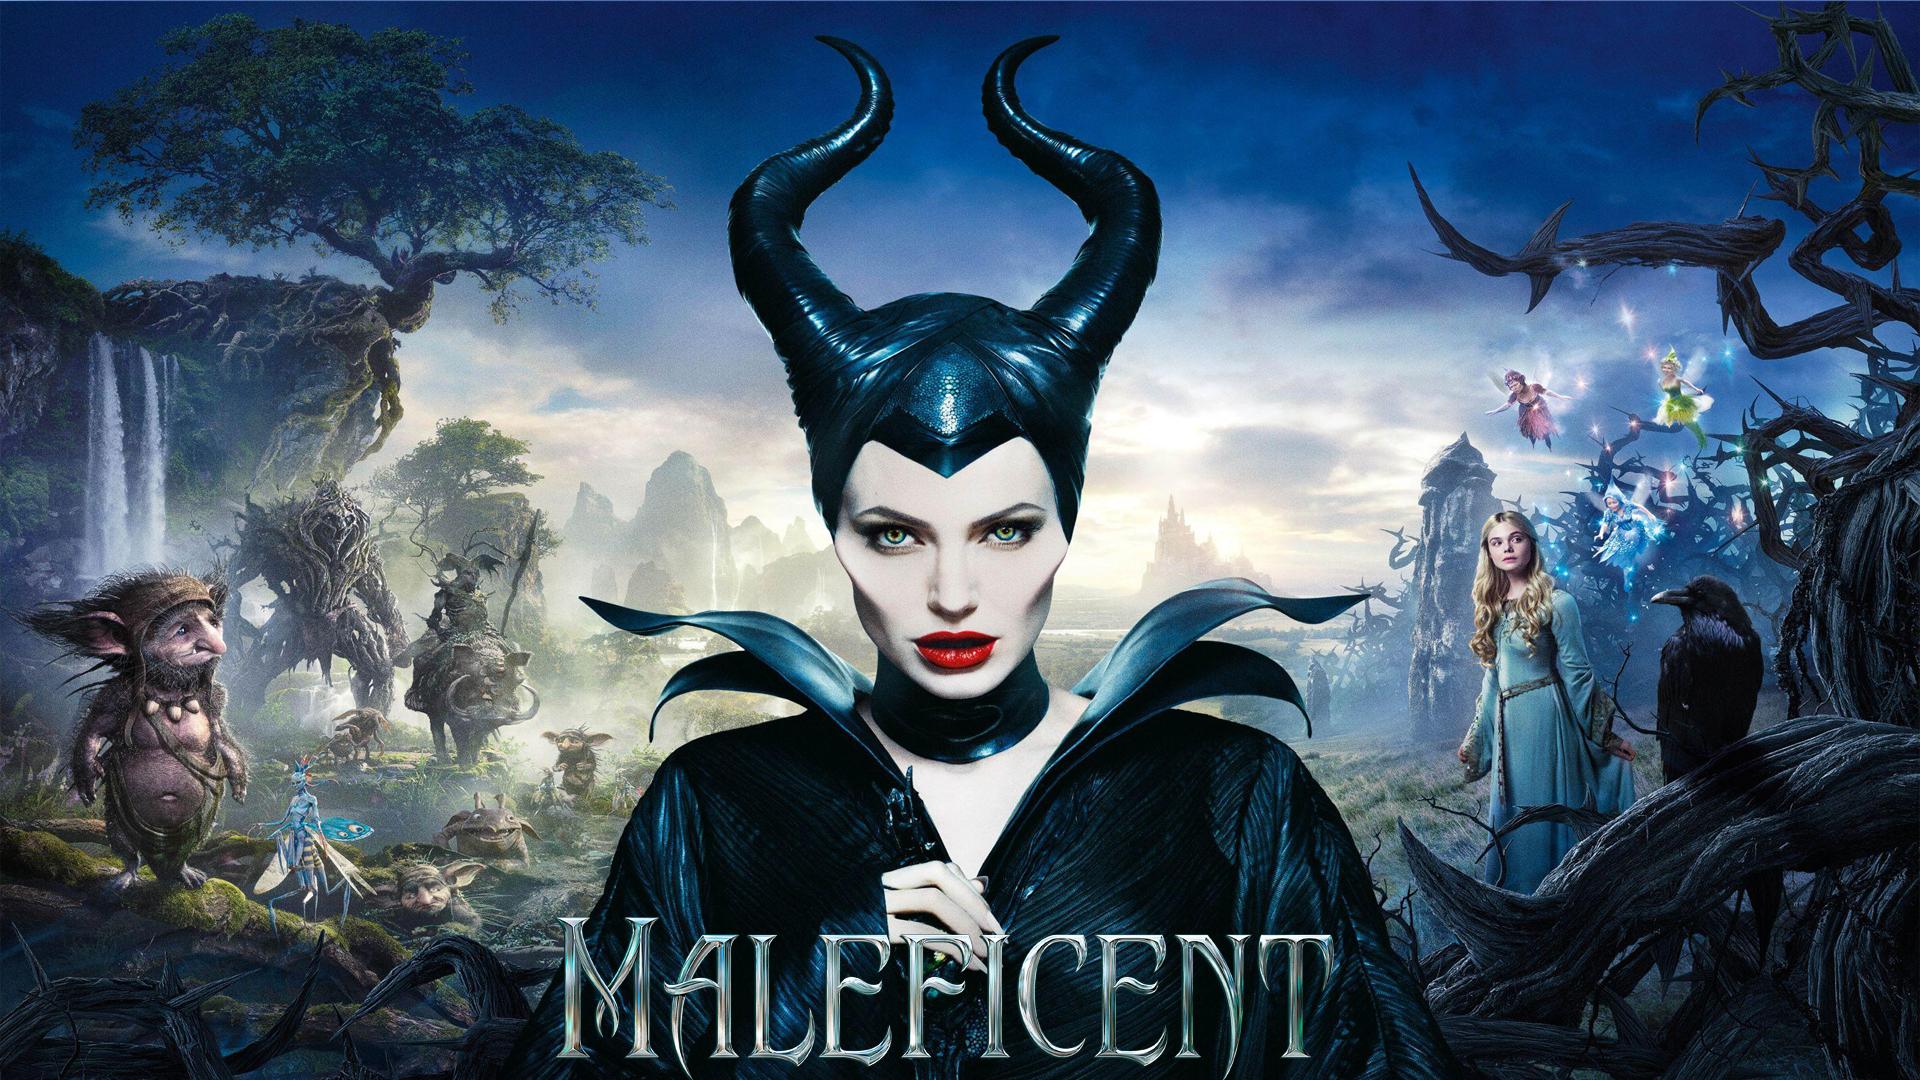 Malefcent